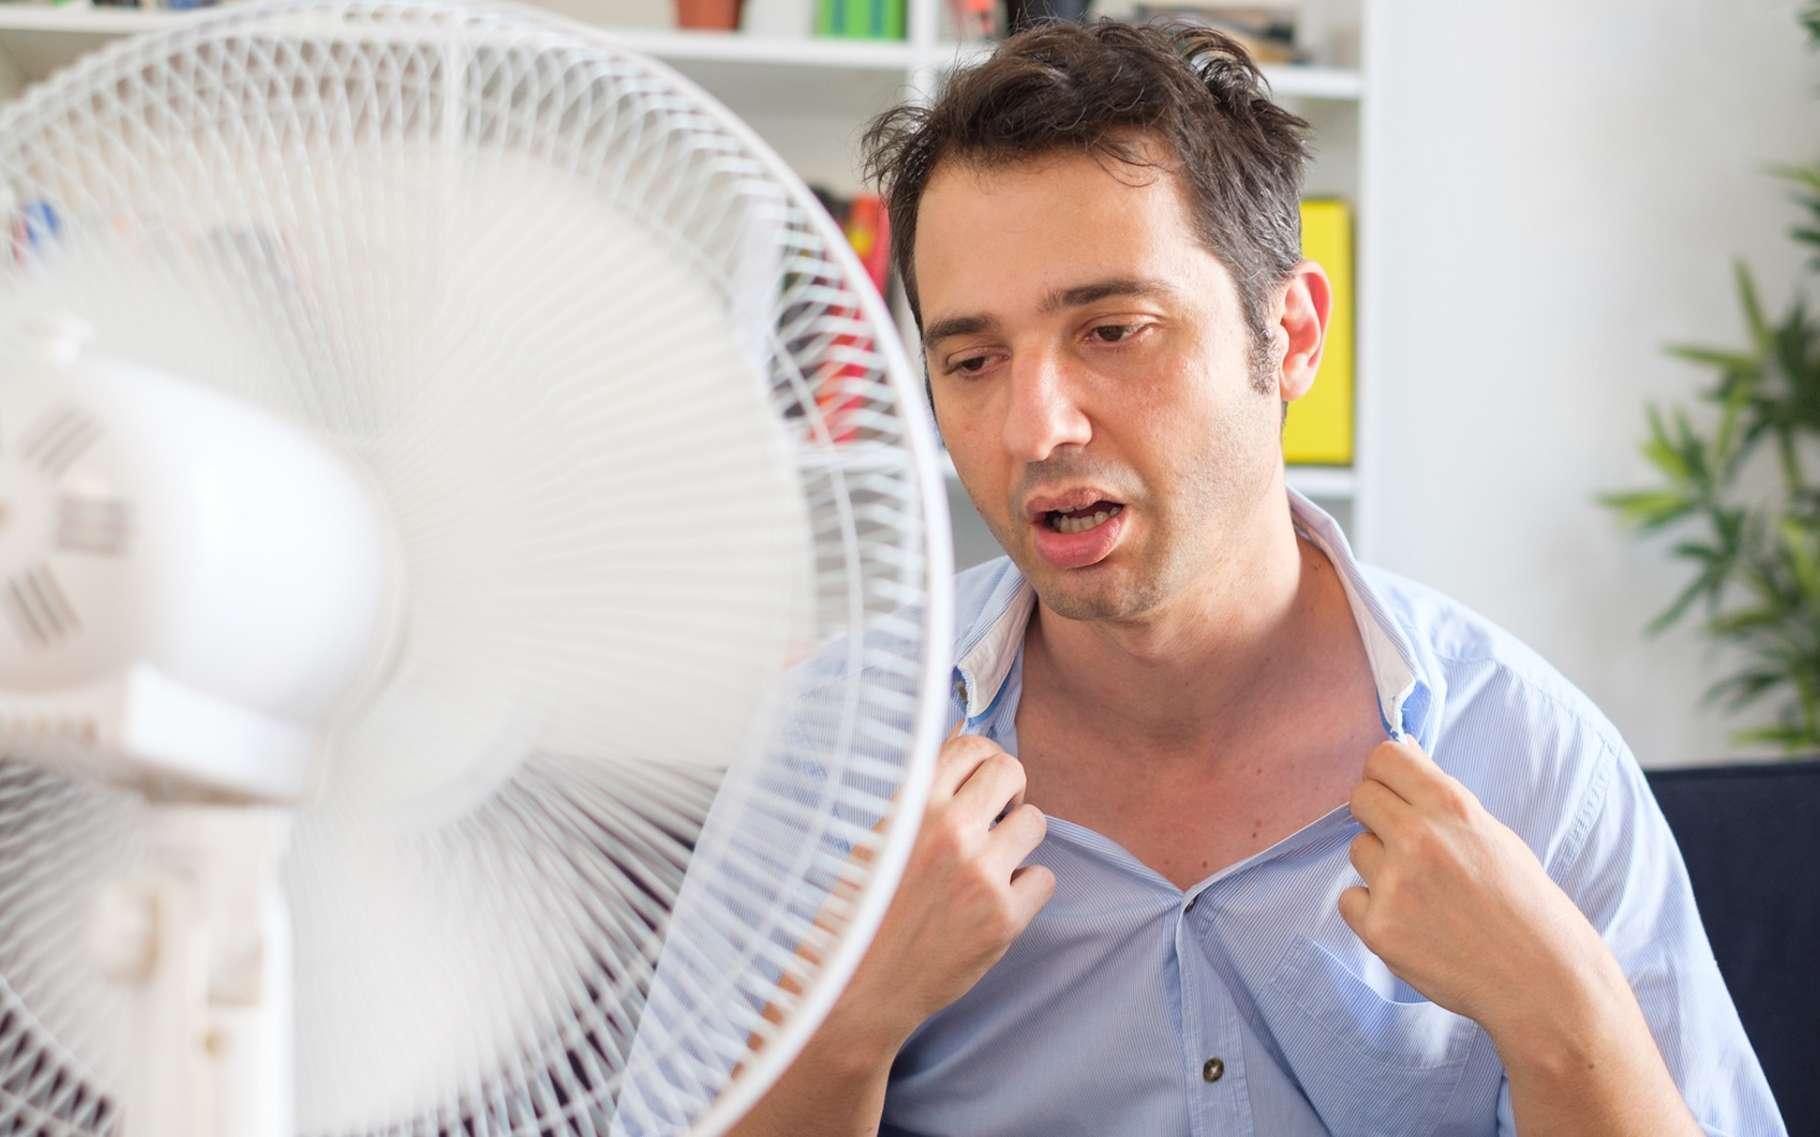 Avec l'arrivée de l'été, faites attention aux coups de chaleur © tommaso79, iStock